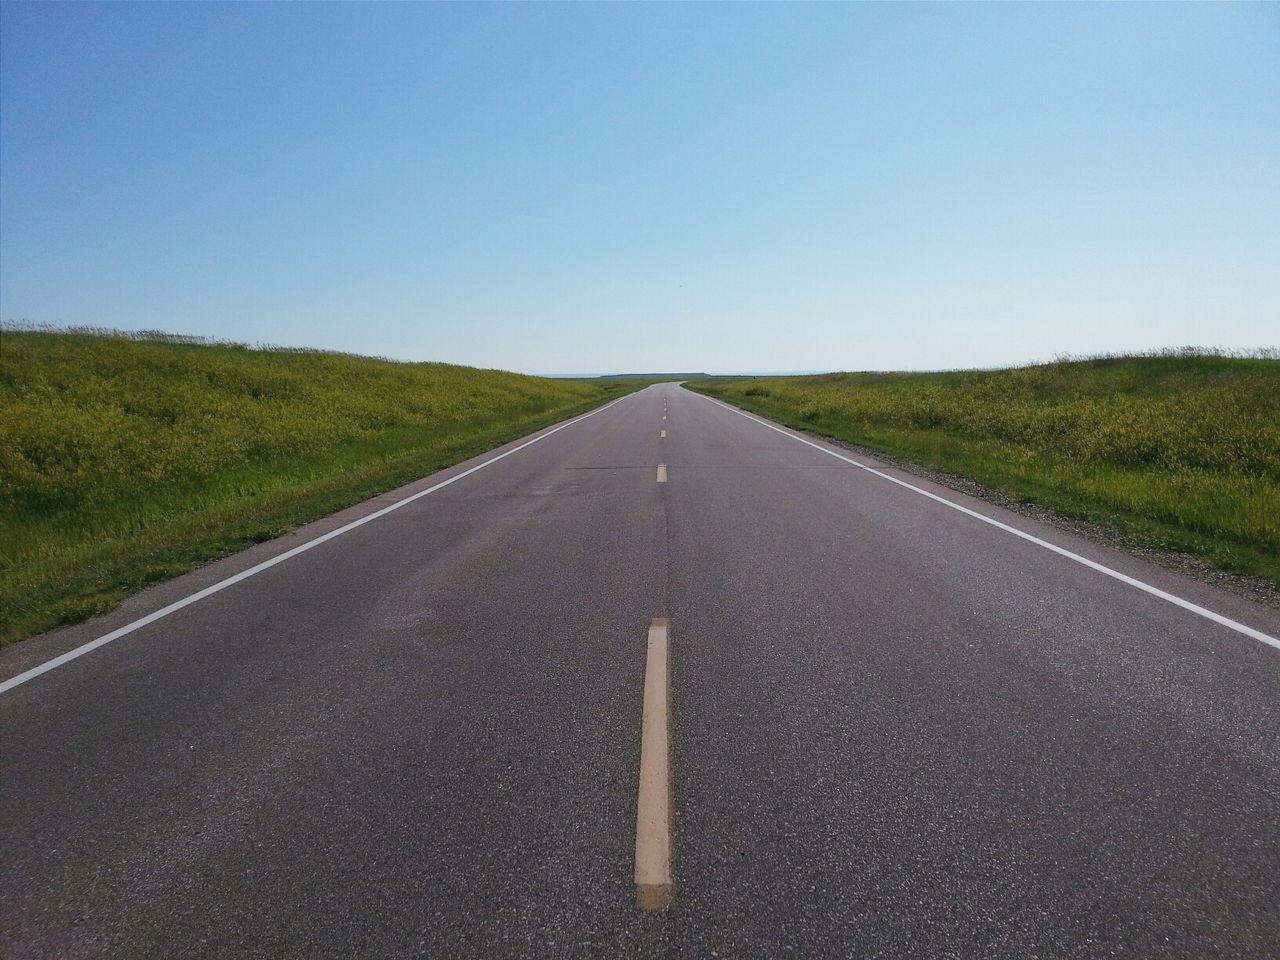 On the road in Badlands National Park, South Dakota. RoadTripxUSA Badlands Grasslands EyeEm Bestsellers